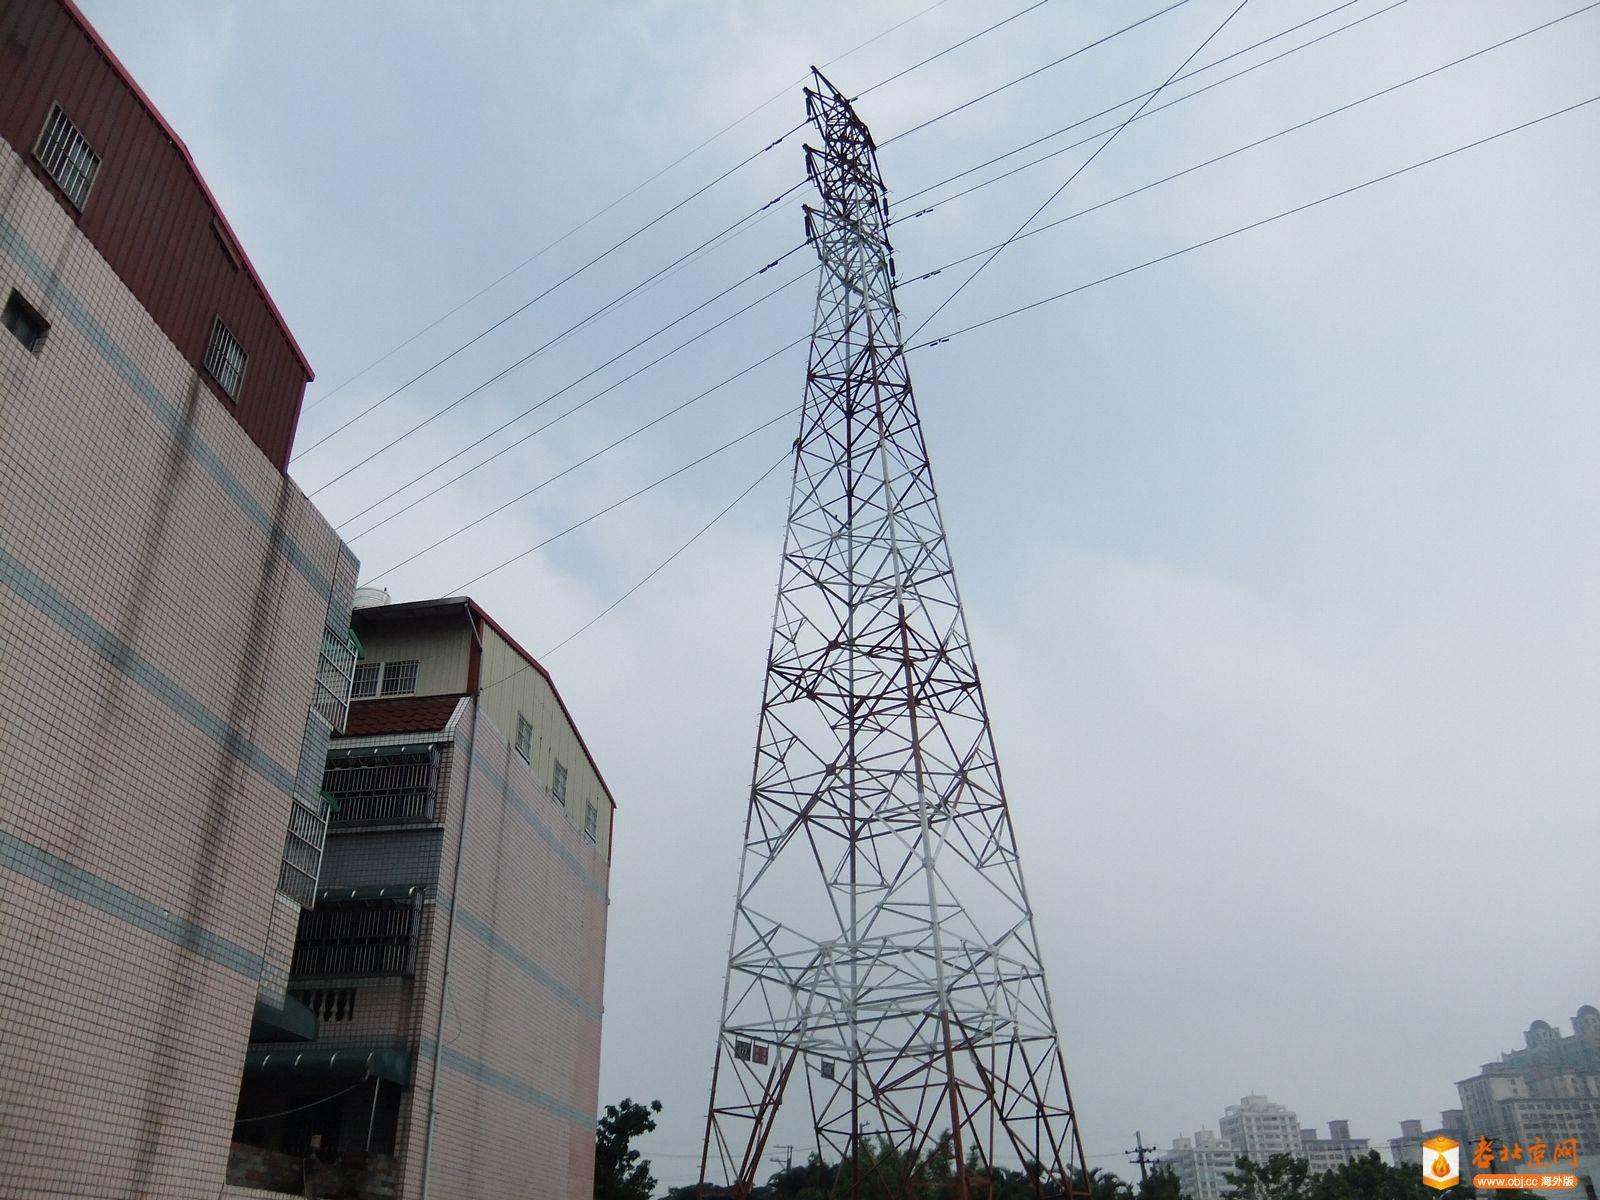 台灣的大城市裡大概都見不到這種高壓電塔了,但是在鄉下地方還是可以看見,北京應該沒有這種高高大大的高壓電塔了吧?因為有研究指出,這種高壓電塔因電力經過而產生輻射,對周邊居住的人會產生致癌因子,不知道正確與否,但在我的記憶中,這些高壓電塔似乎已經存在幾十年了,到現在也仍然矗立在那兒,文風不動!- W) l2 S5 I0 i4 _( J+ U